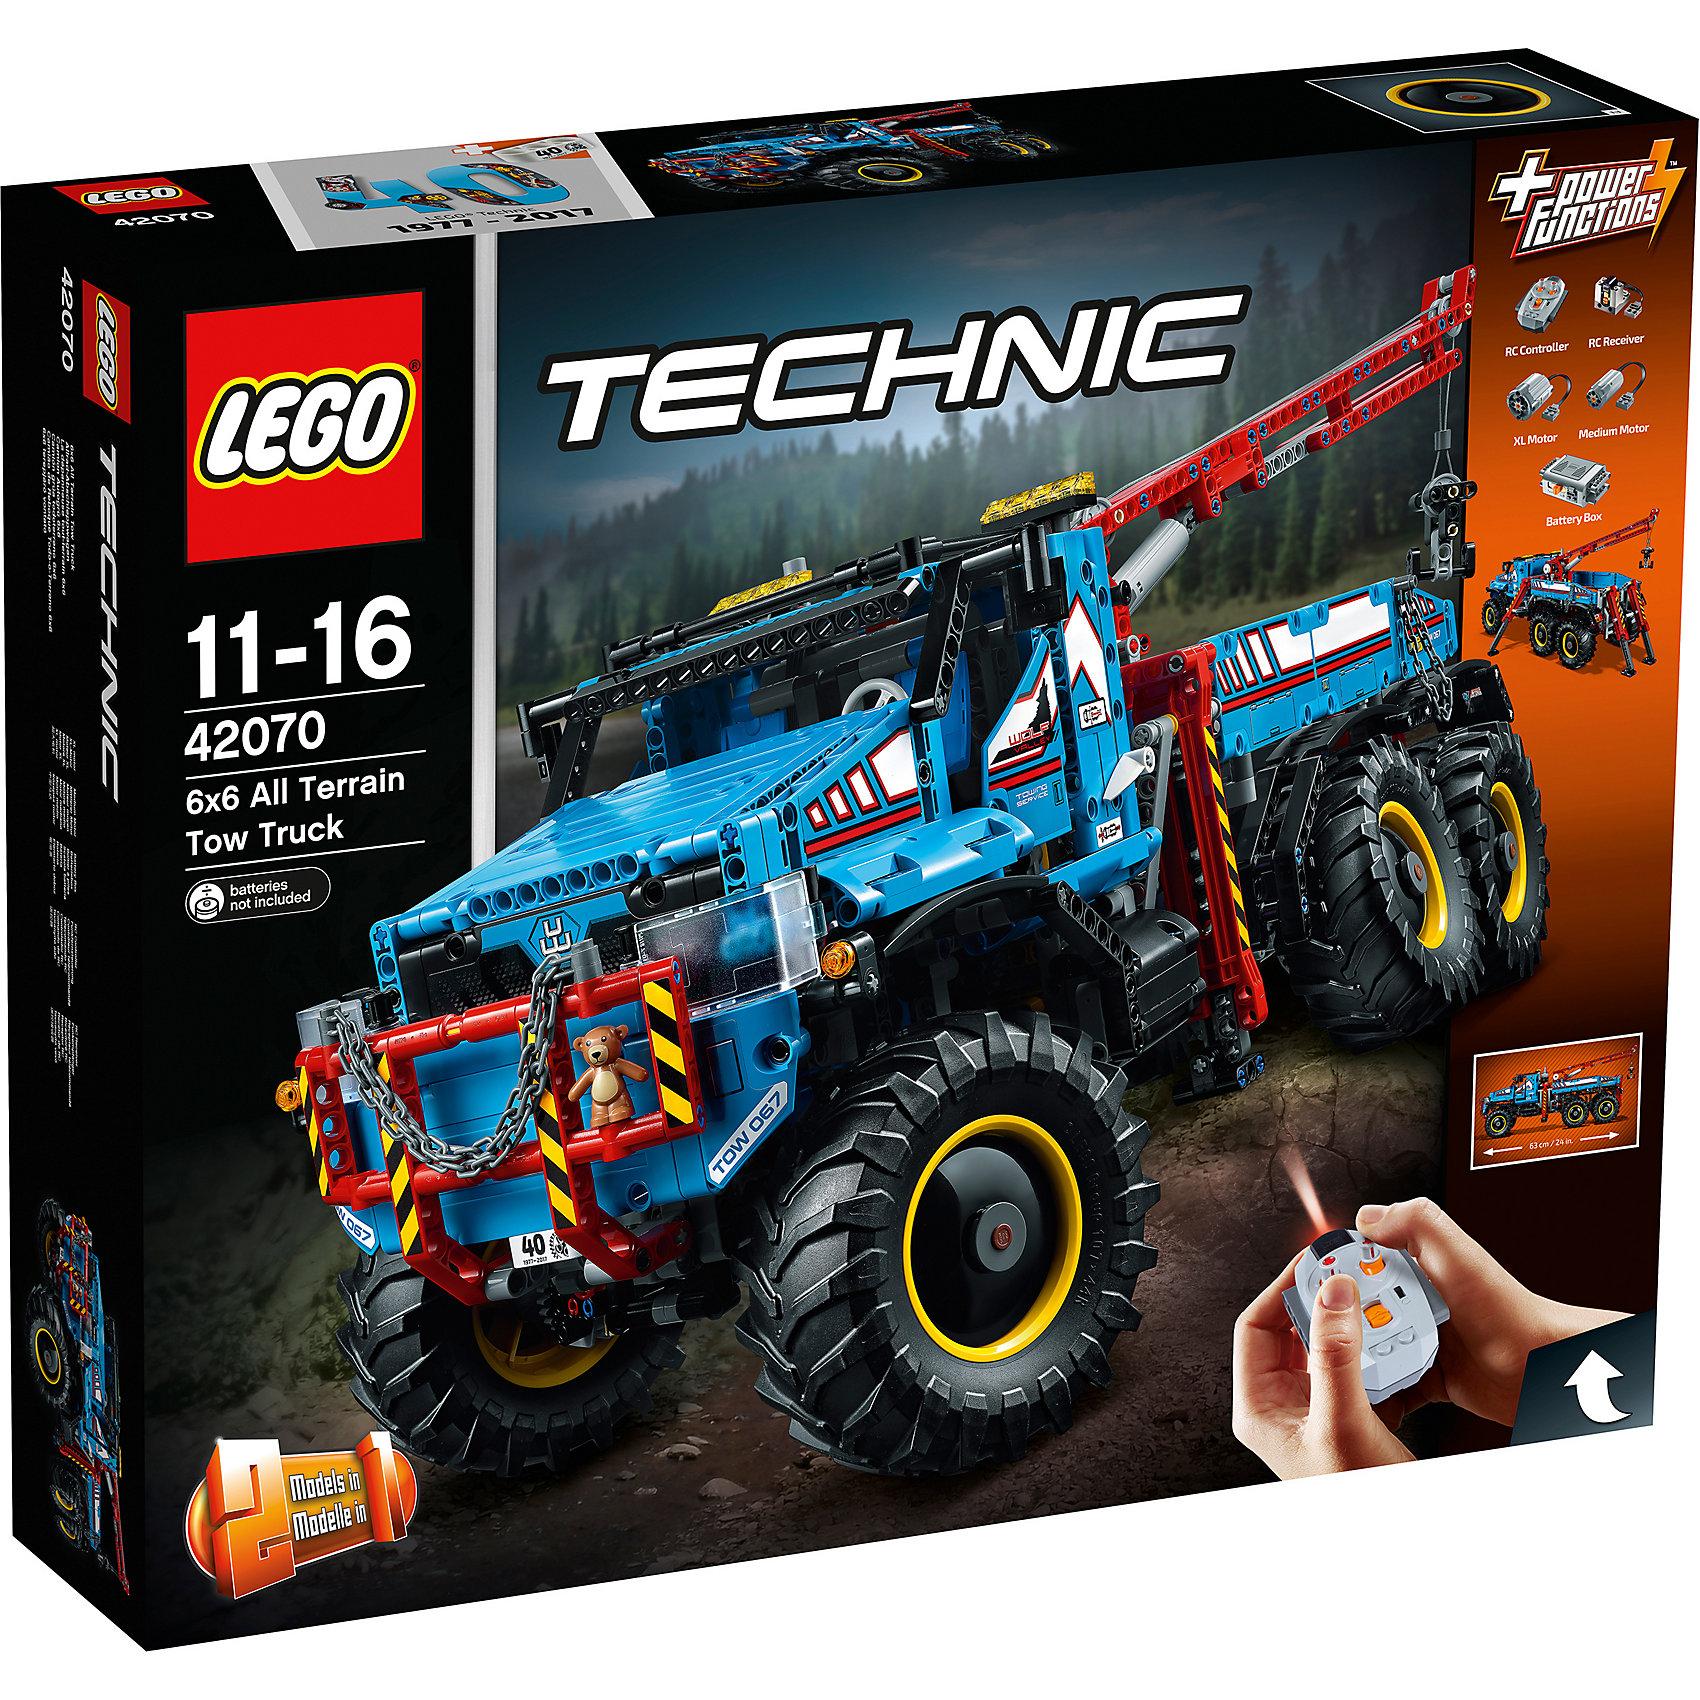 LEGO Technic 42070: Аварийный внедорожник 6х6Пластмассовые конструкторы<br><br><br>Ширина мм: 583<br>Глубина мм: 472<br>Высота мм: 132<br>Вес г: 4018<br>Возраст от месяцев: 132<br>Возраст до месяцев: 192<br>Пол: Мужской<br>Возраст: Детский<br>SKU: 5619963